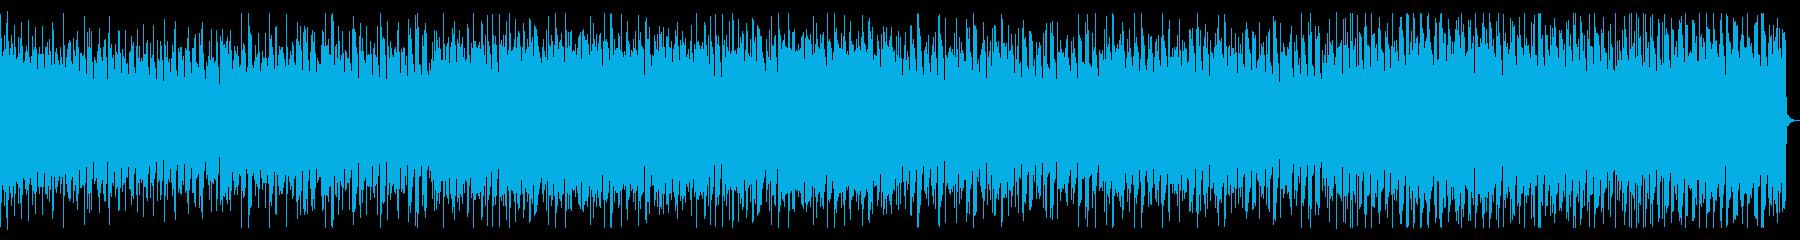 海を漂う/ディープハウス_No665_1の再生済みの波形